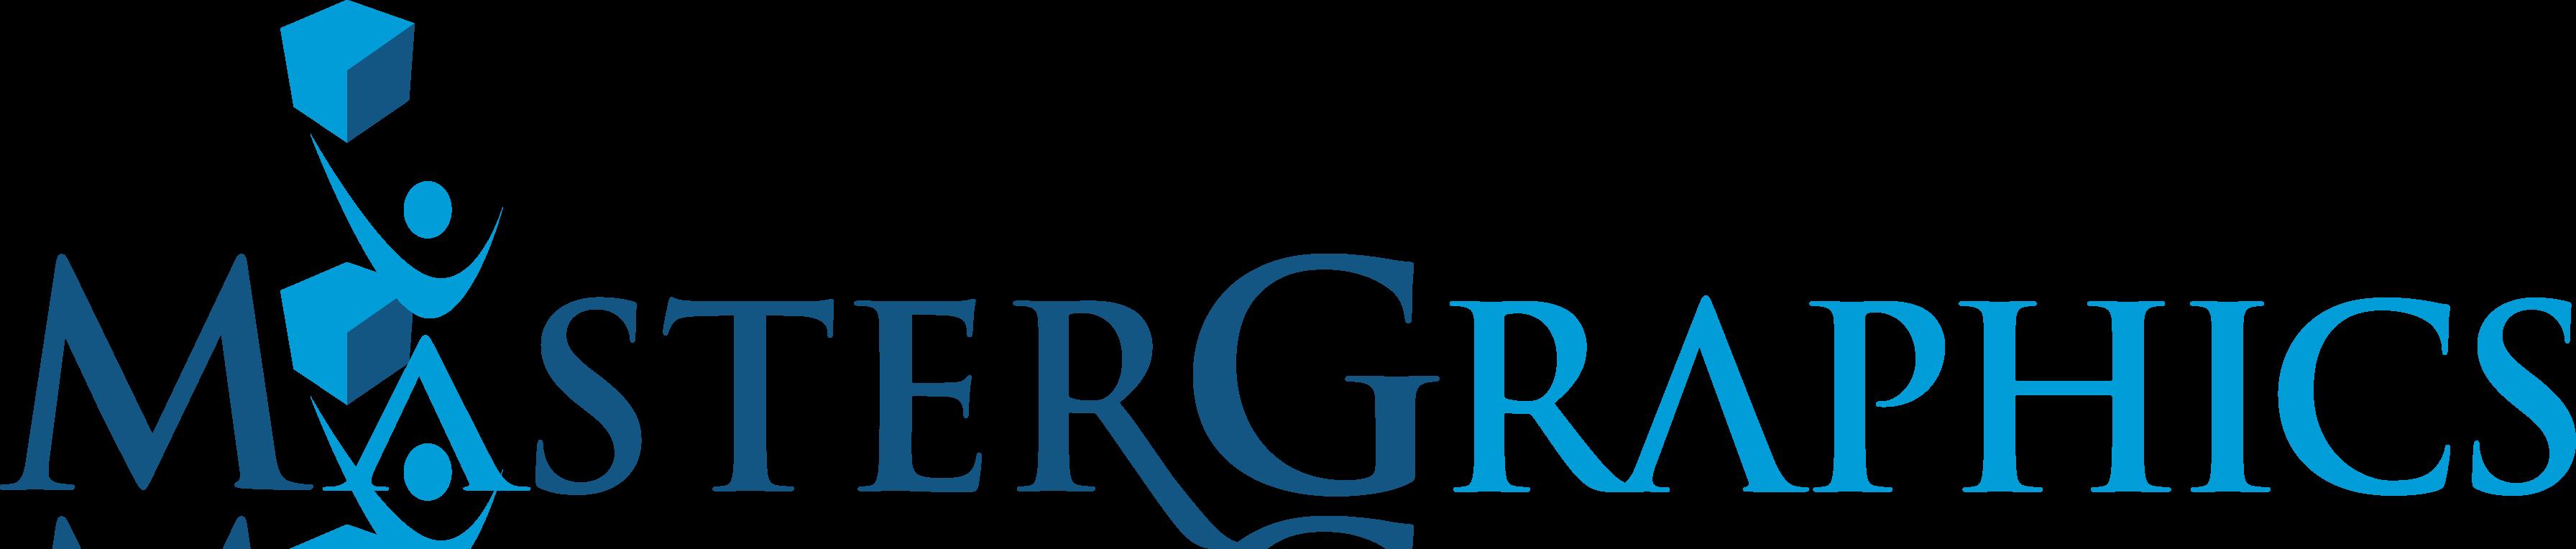 MG-logo-hi-res-1